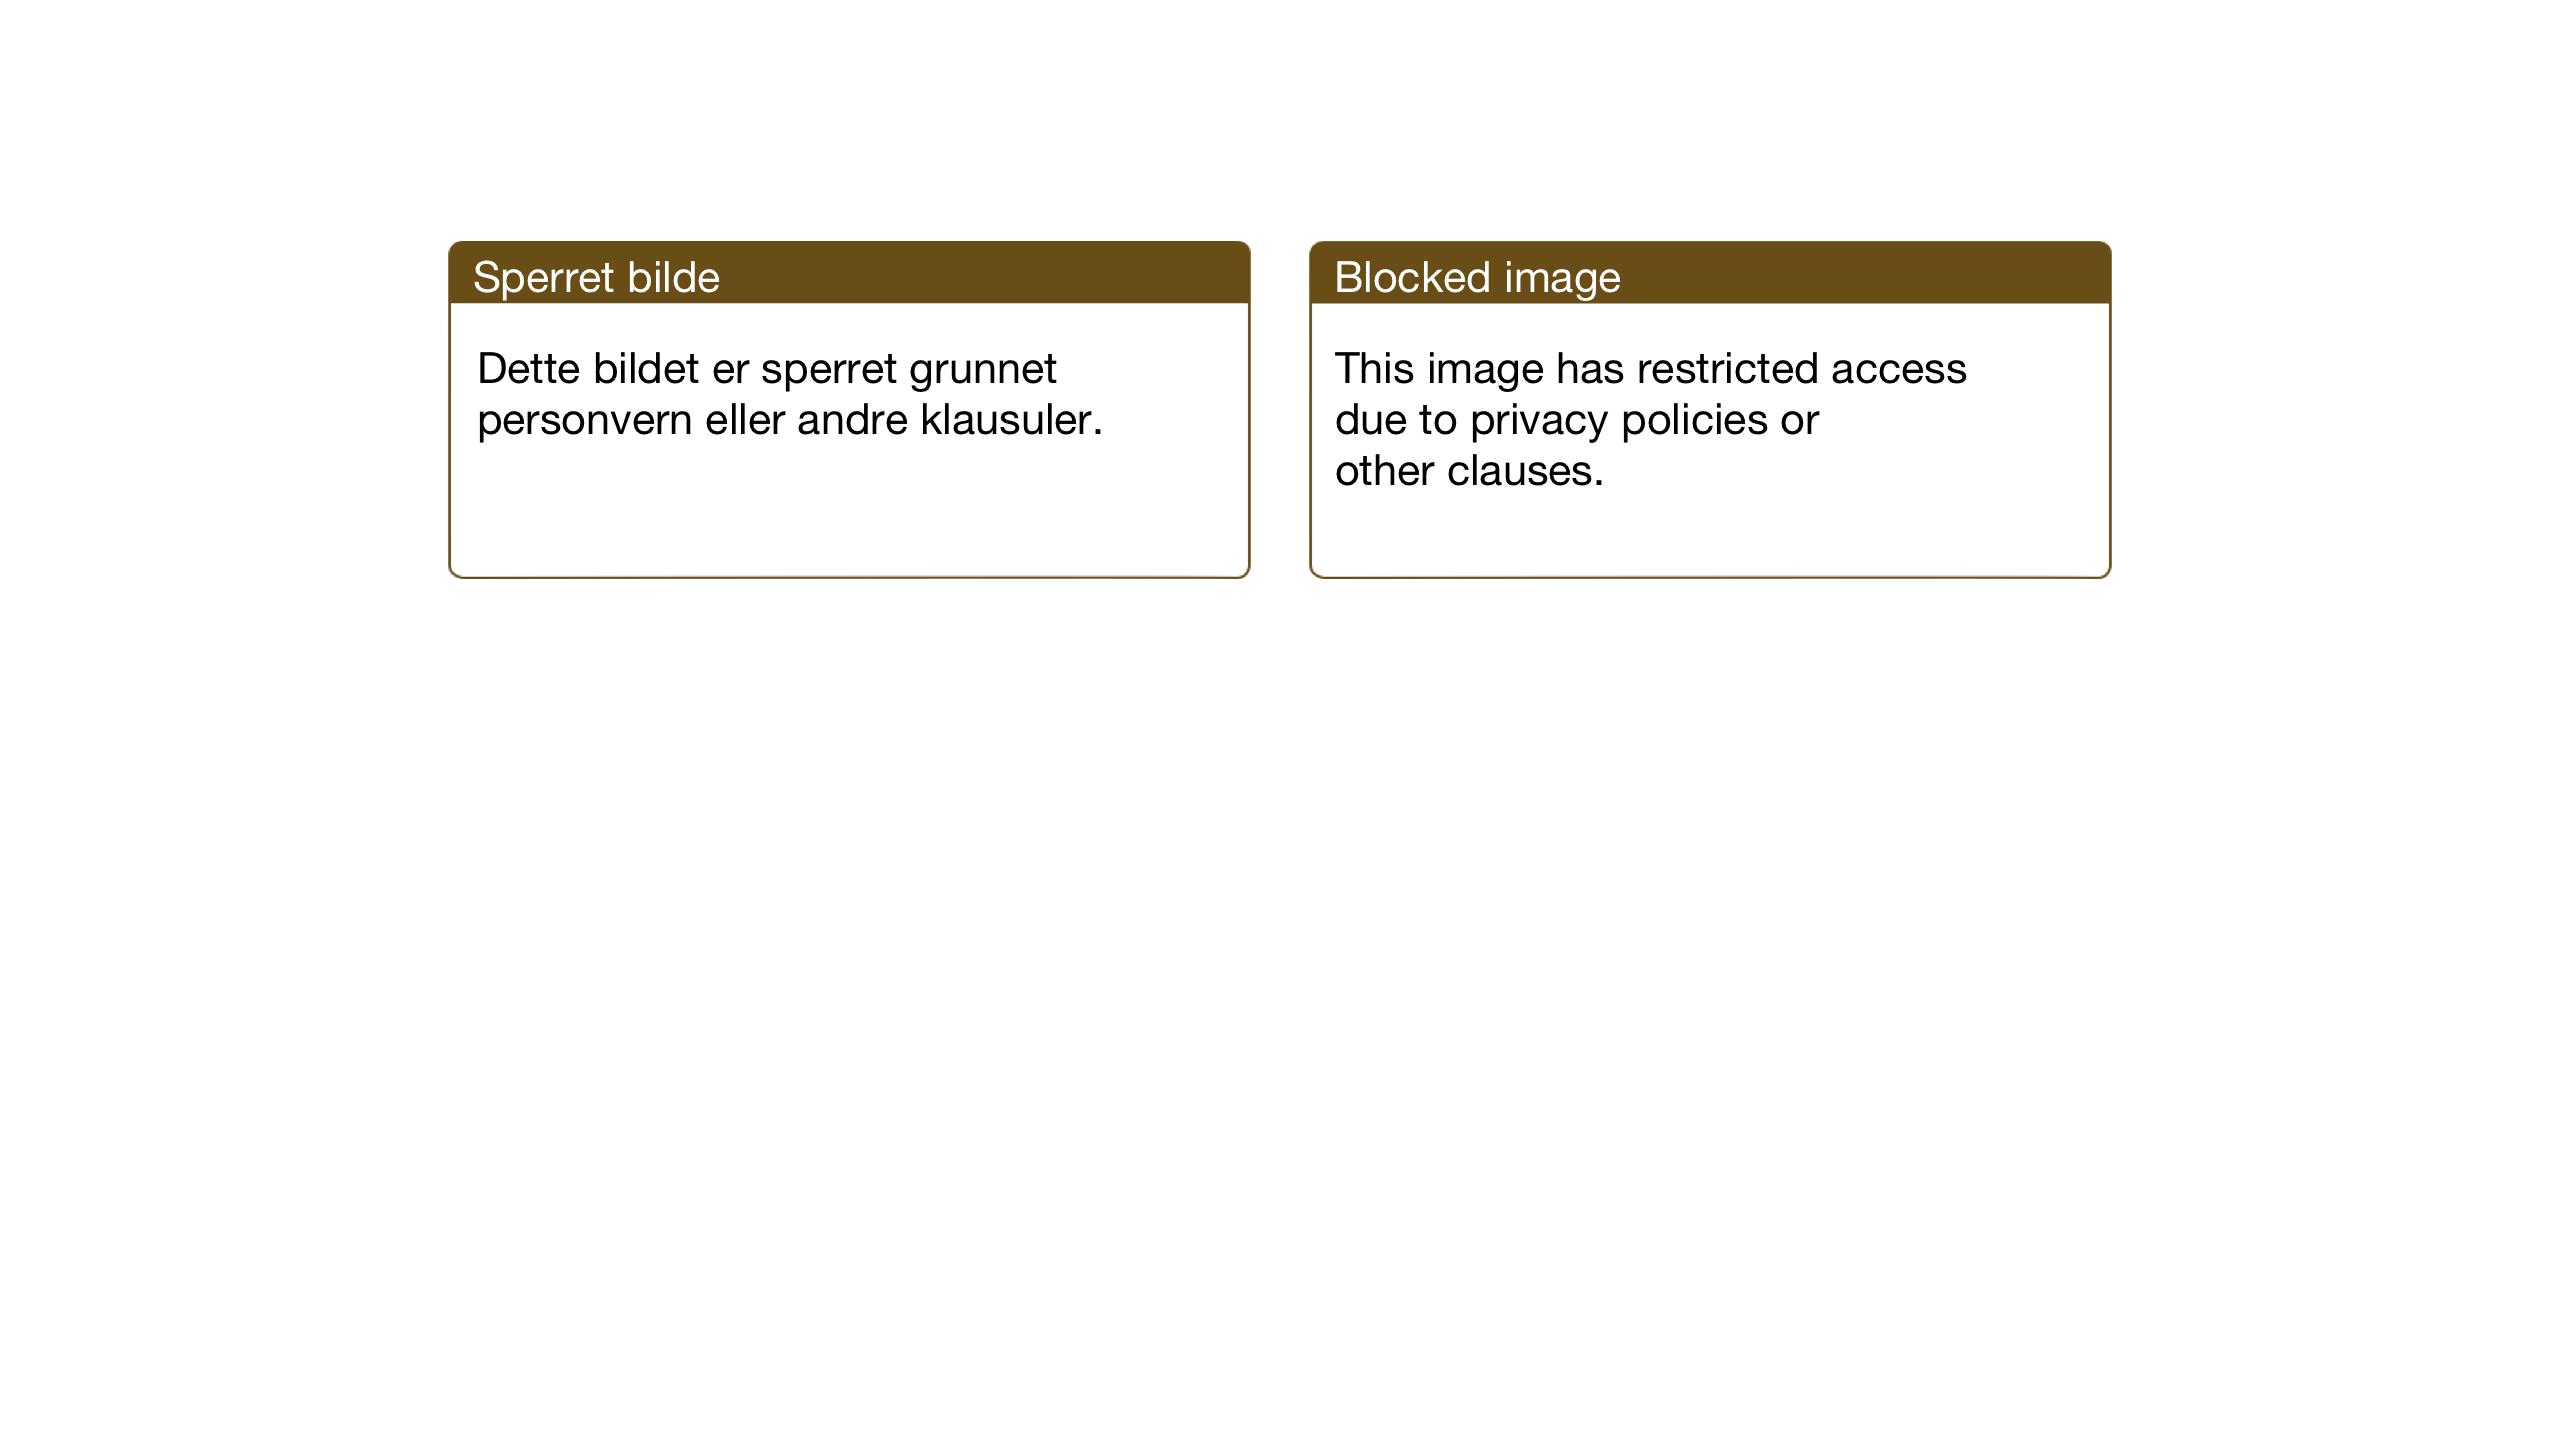 SAT, Ministerialprotokoller, klokkerbøker og fødselsregistre - Sør-Trøndelag, 682/L0947: Klokkerbok nr. 682C01, 1926-1968, s. 94